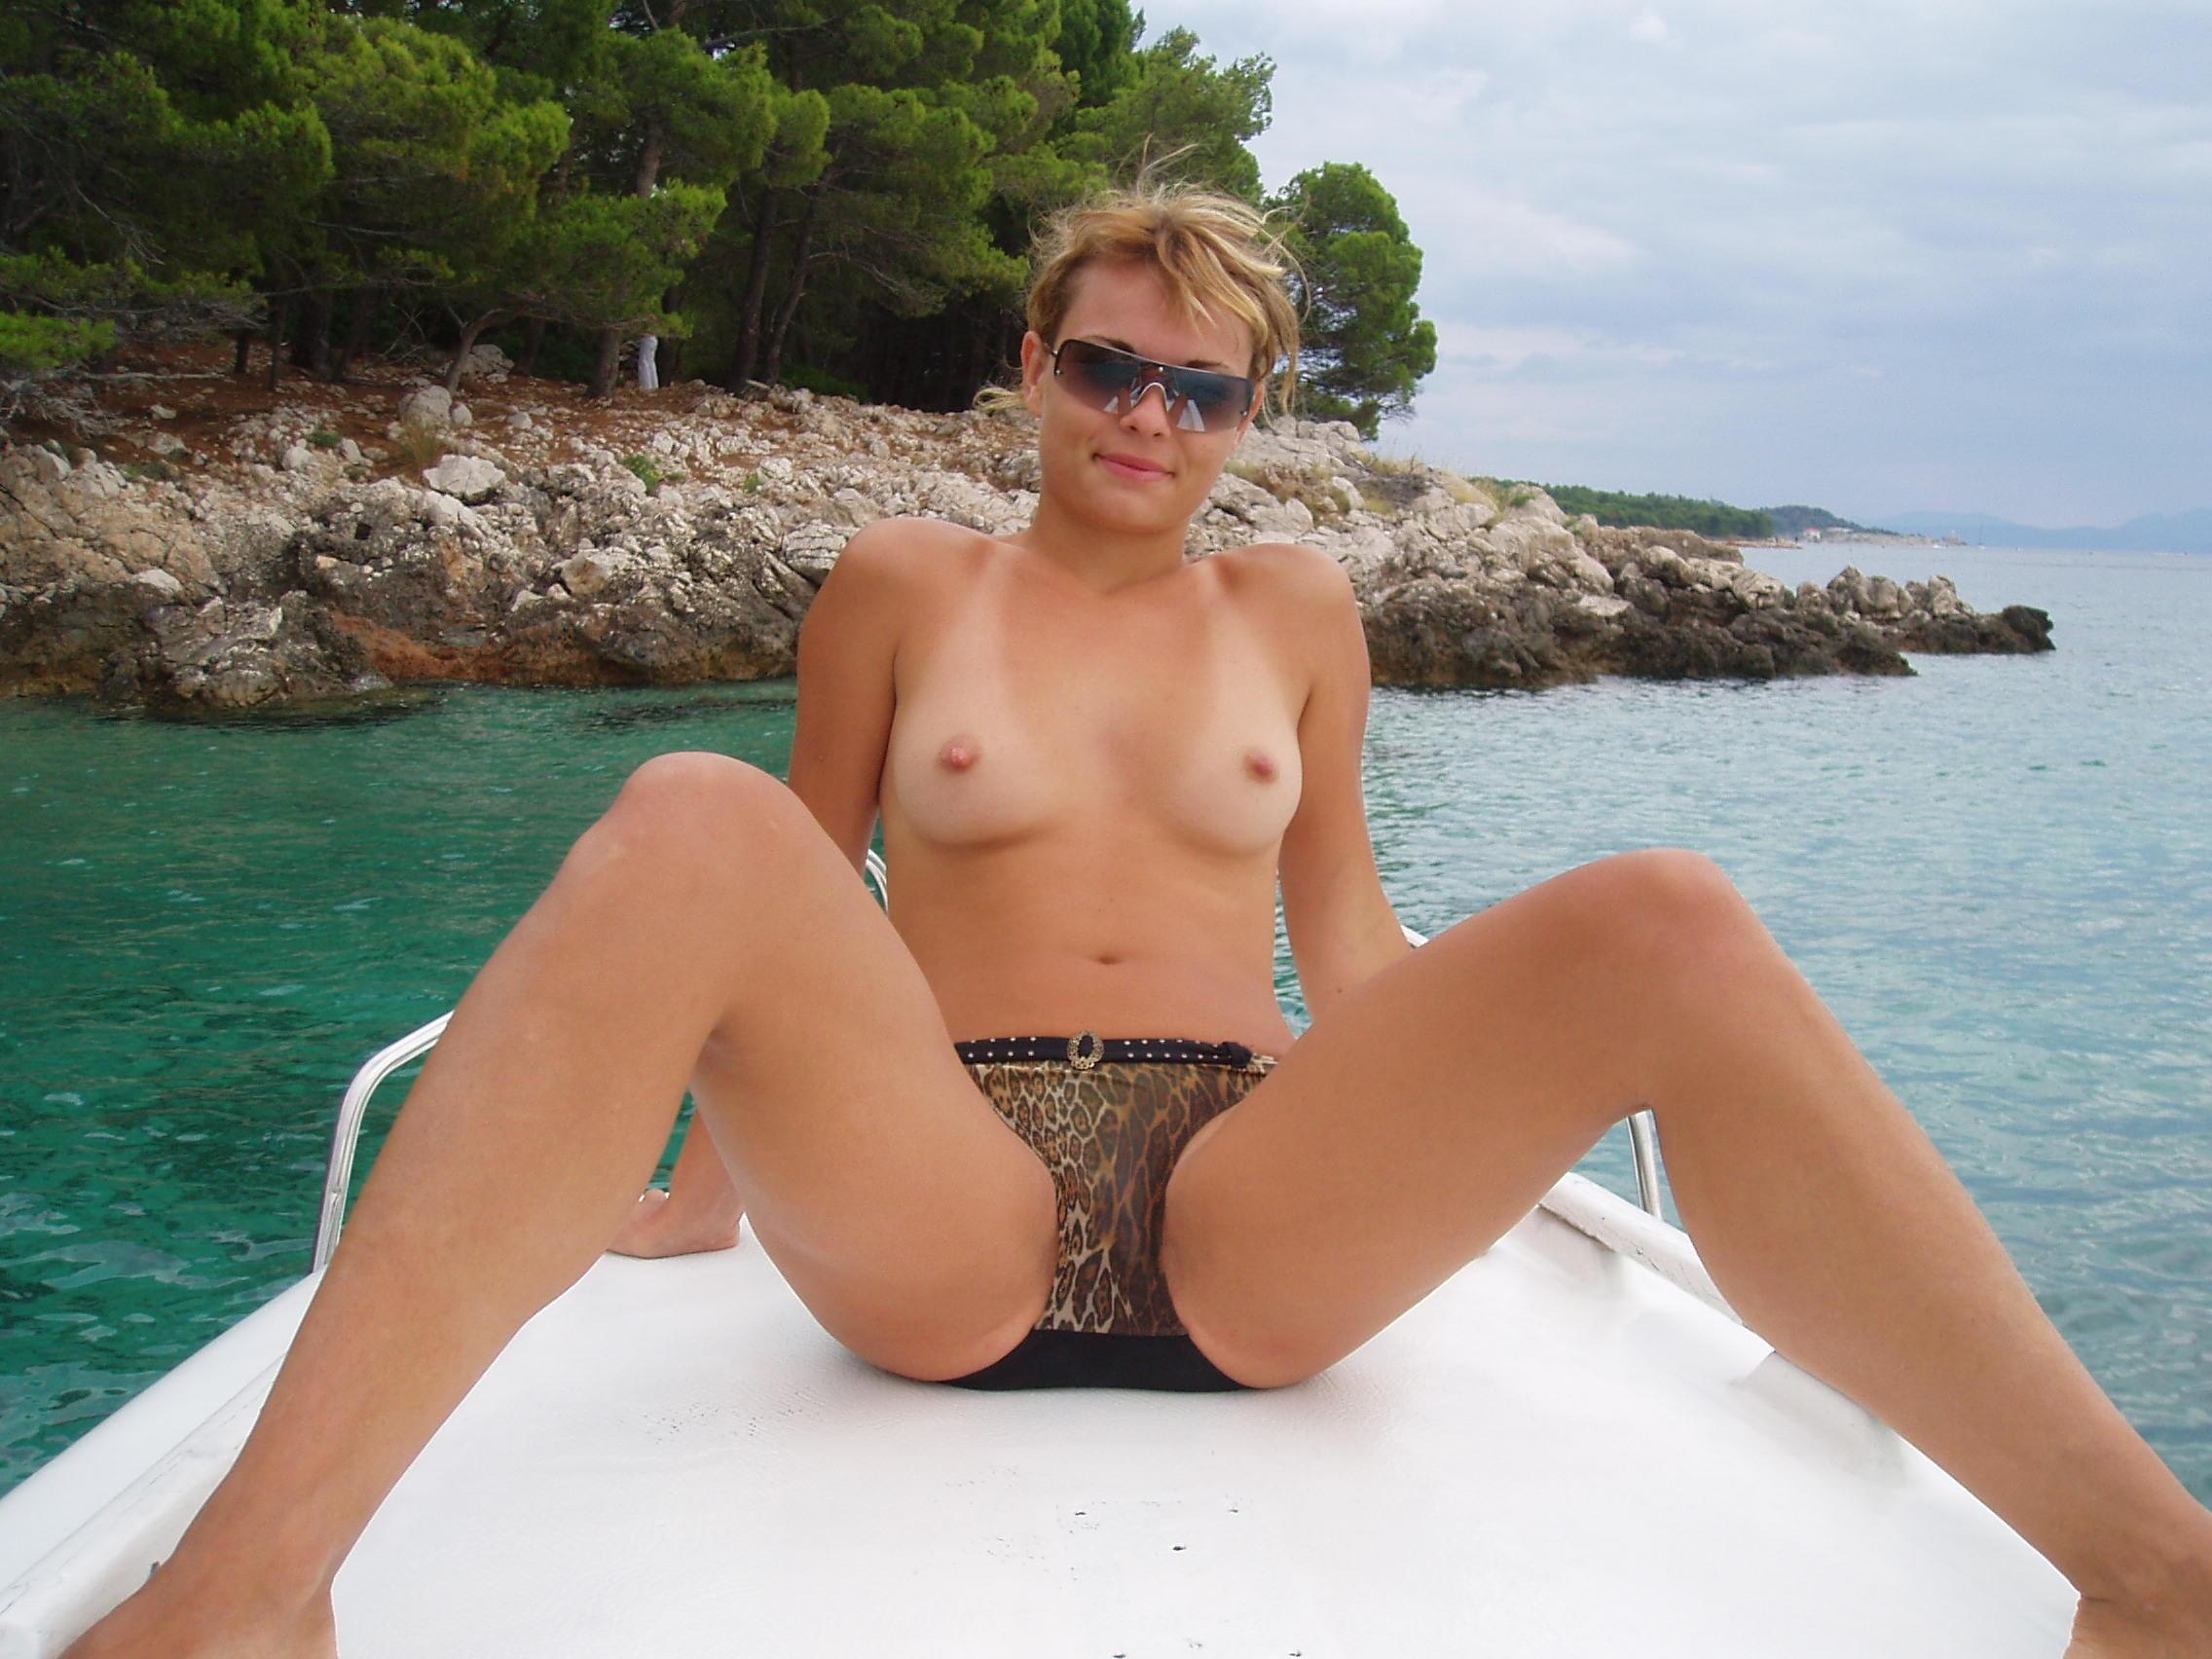 angelitas latina nude